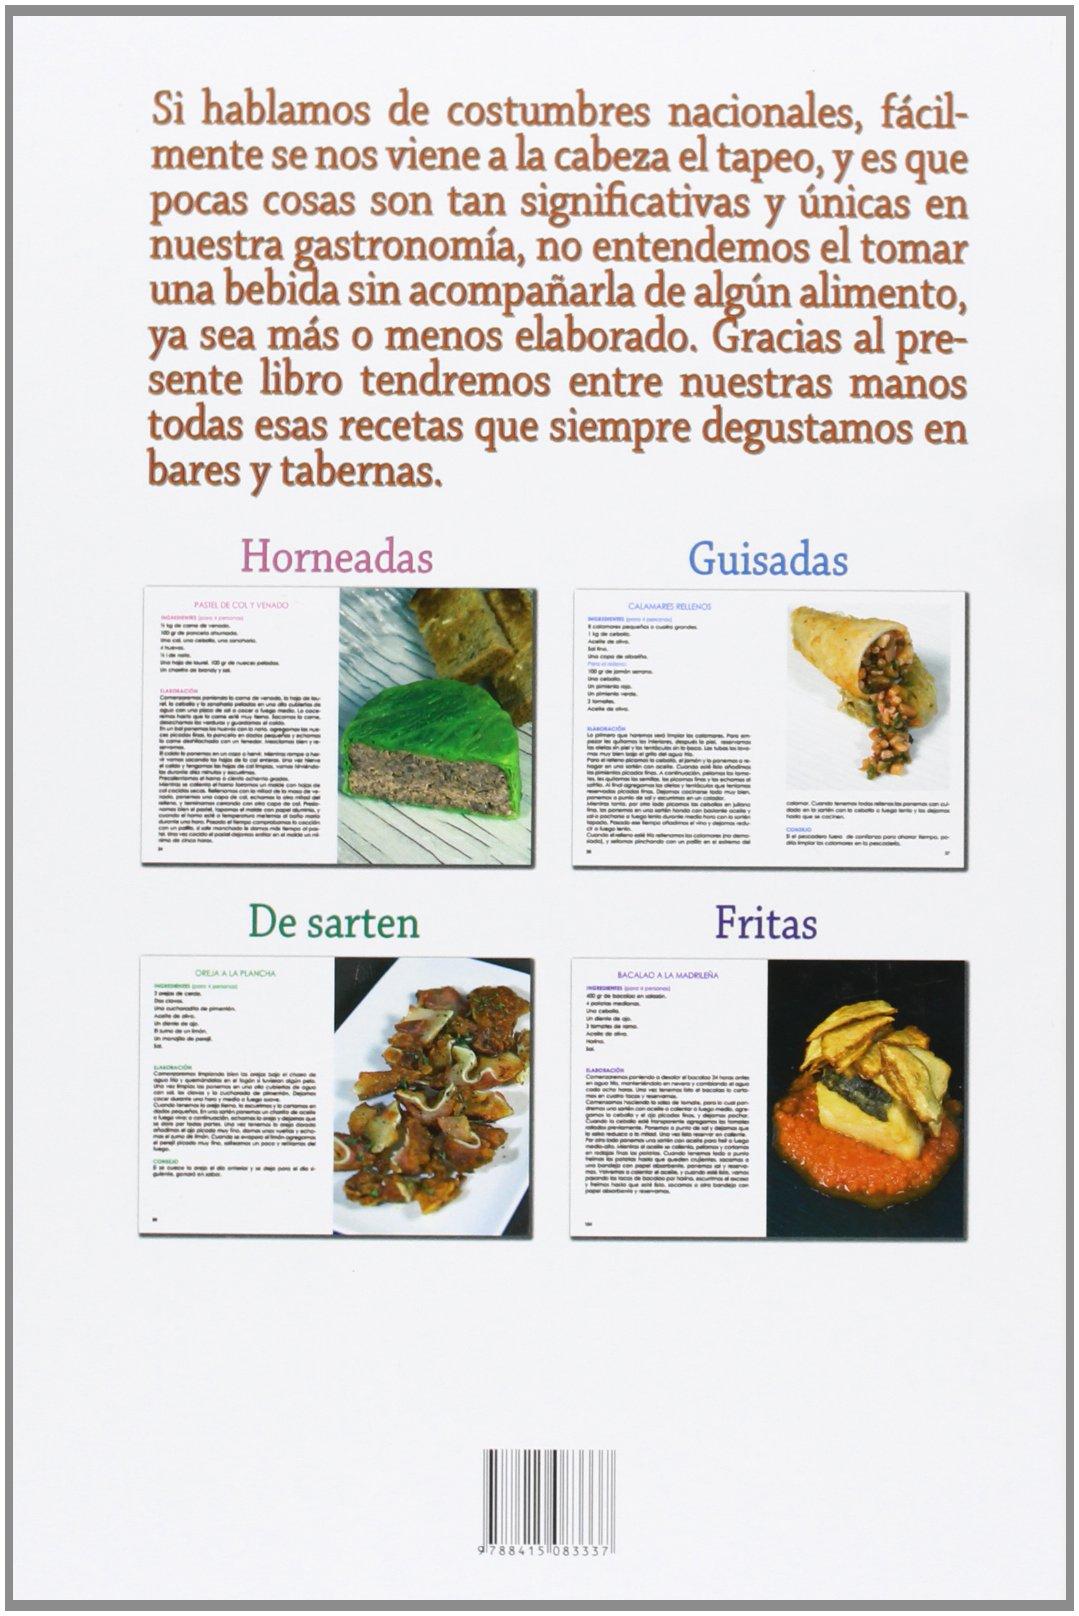 El Arte De Comer De Pie: Amazon.es: Jaime Sánchez Encinal: Libros